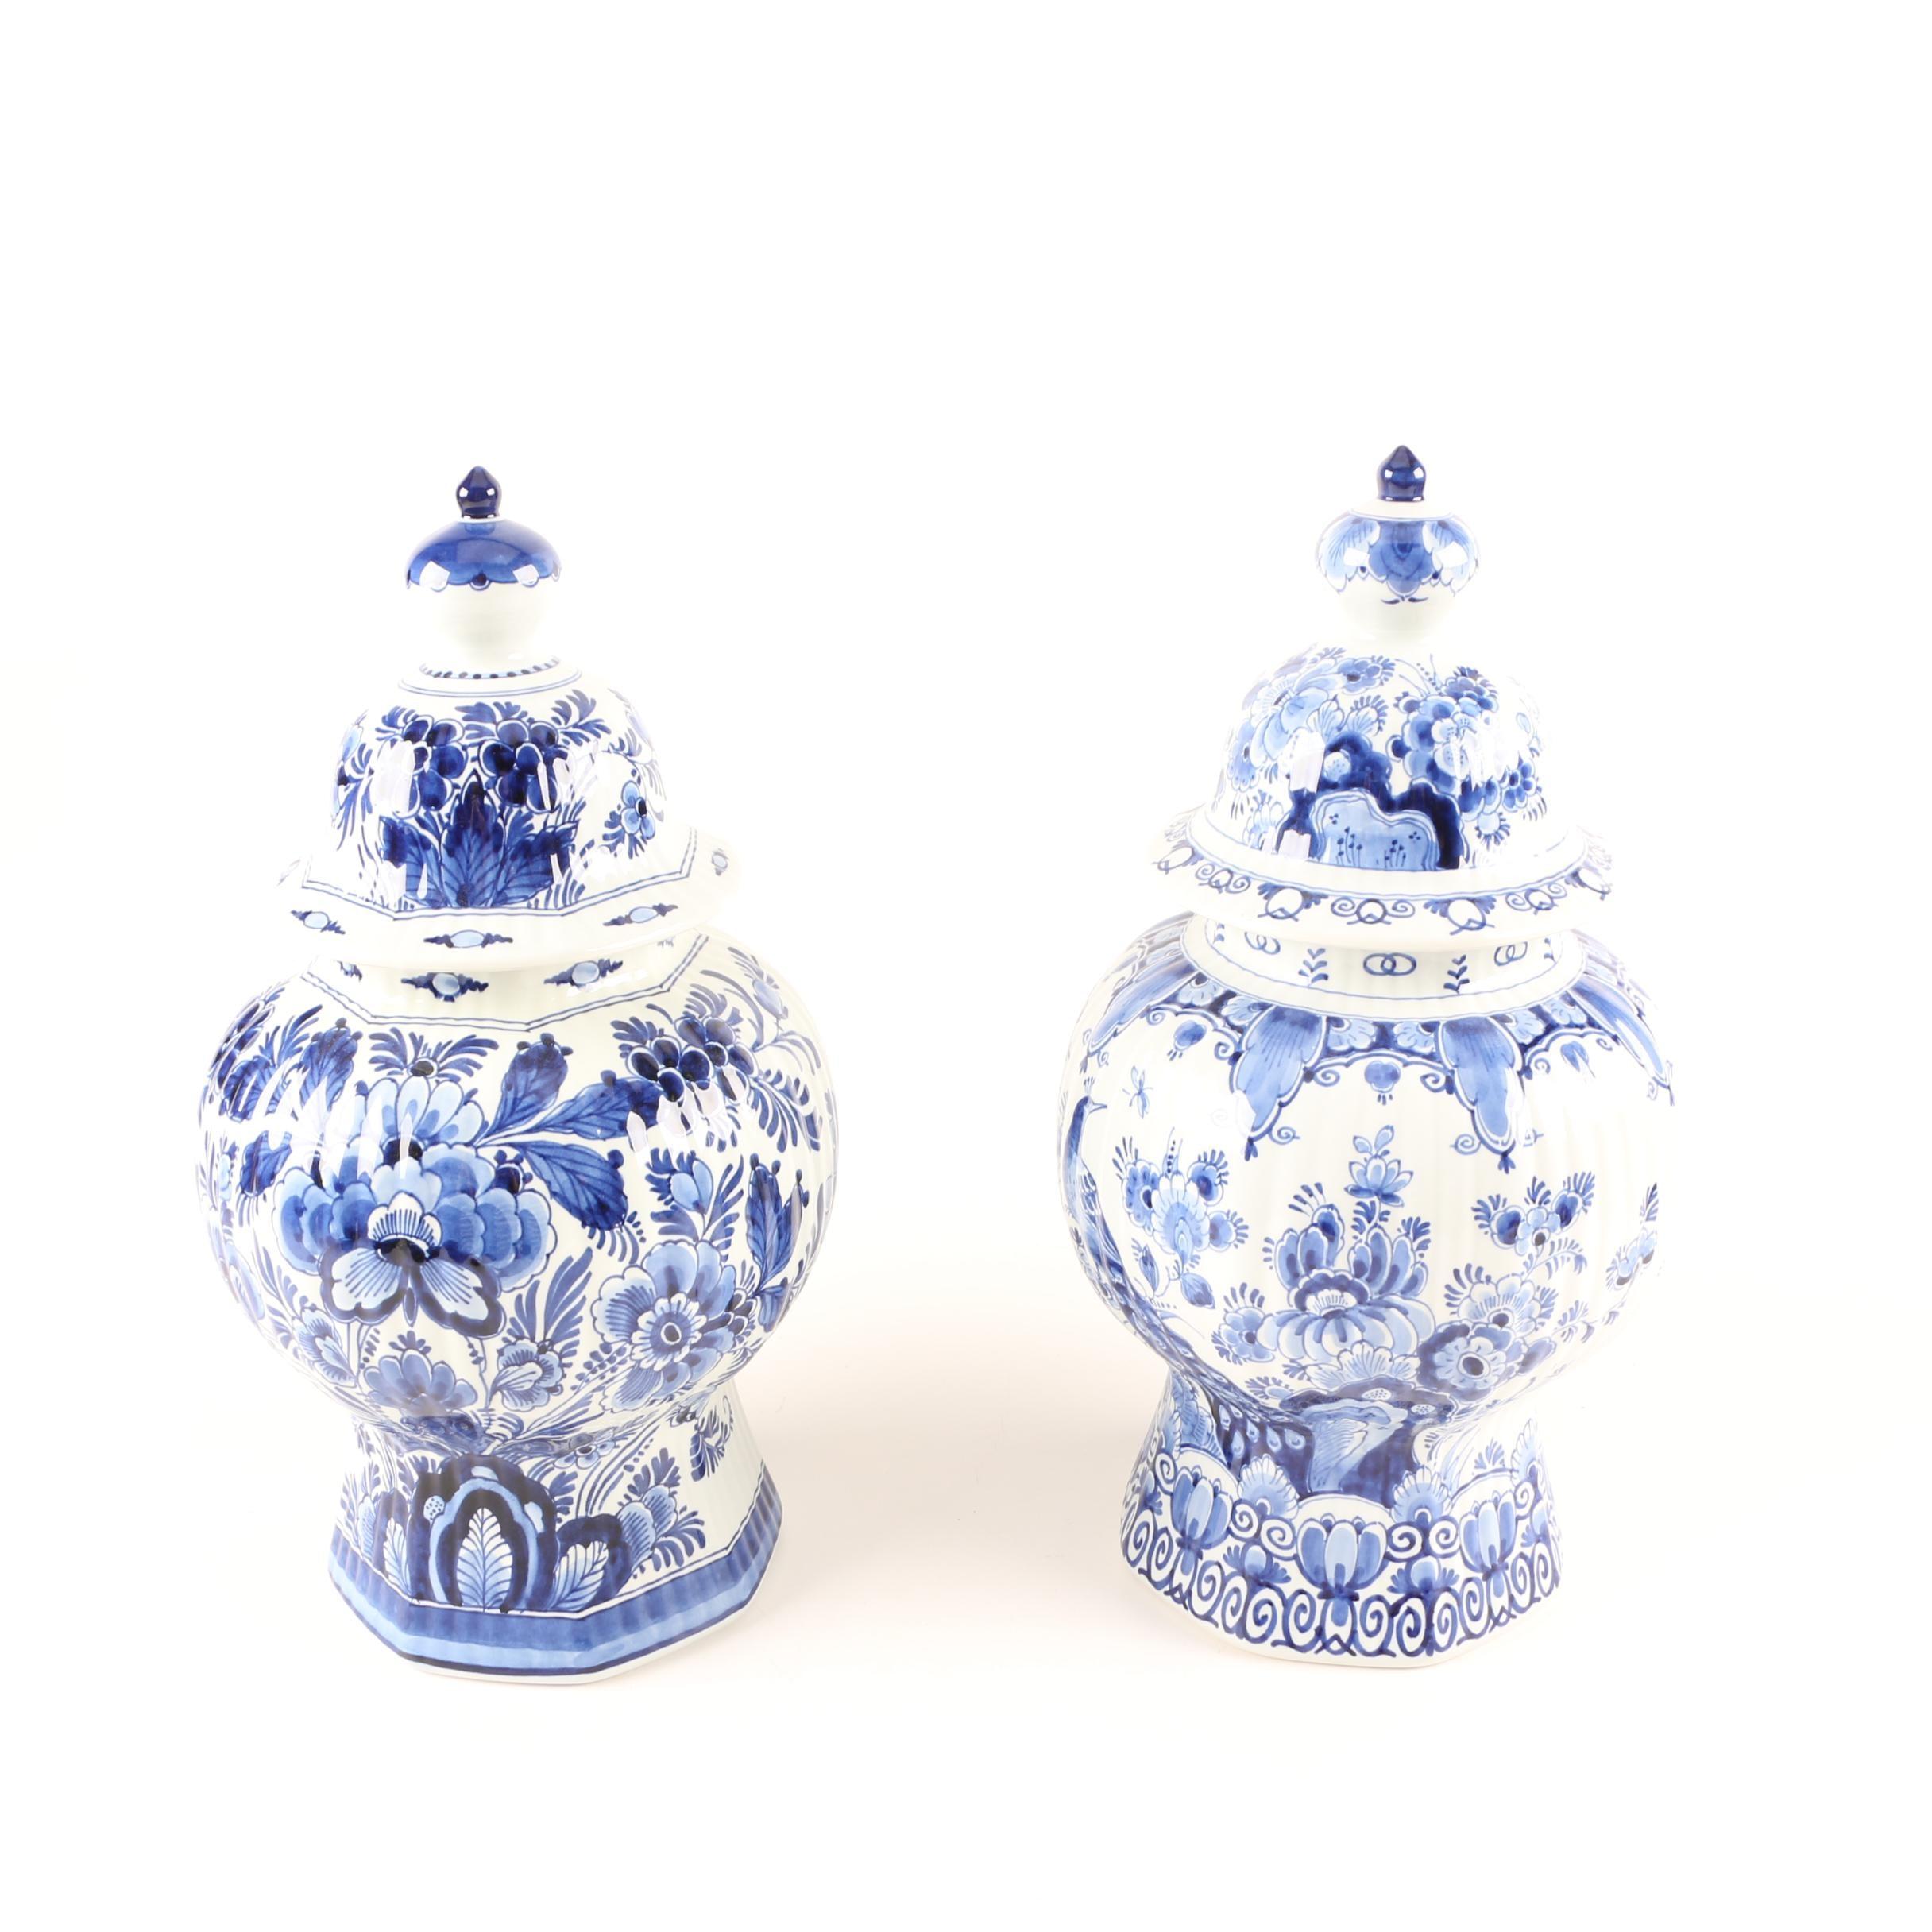 Vintage Royal Delft Earthenware Urns